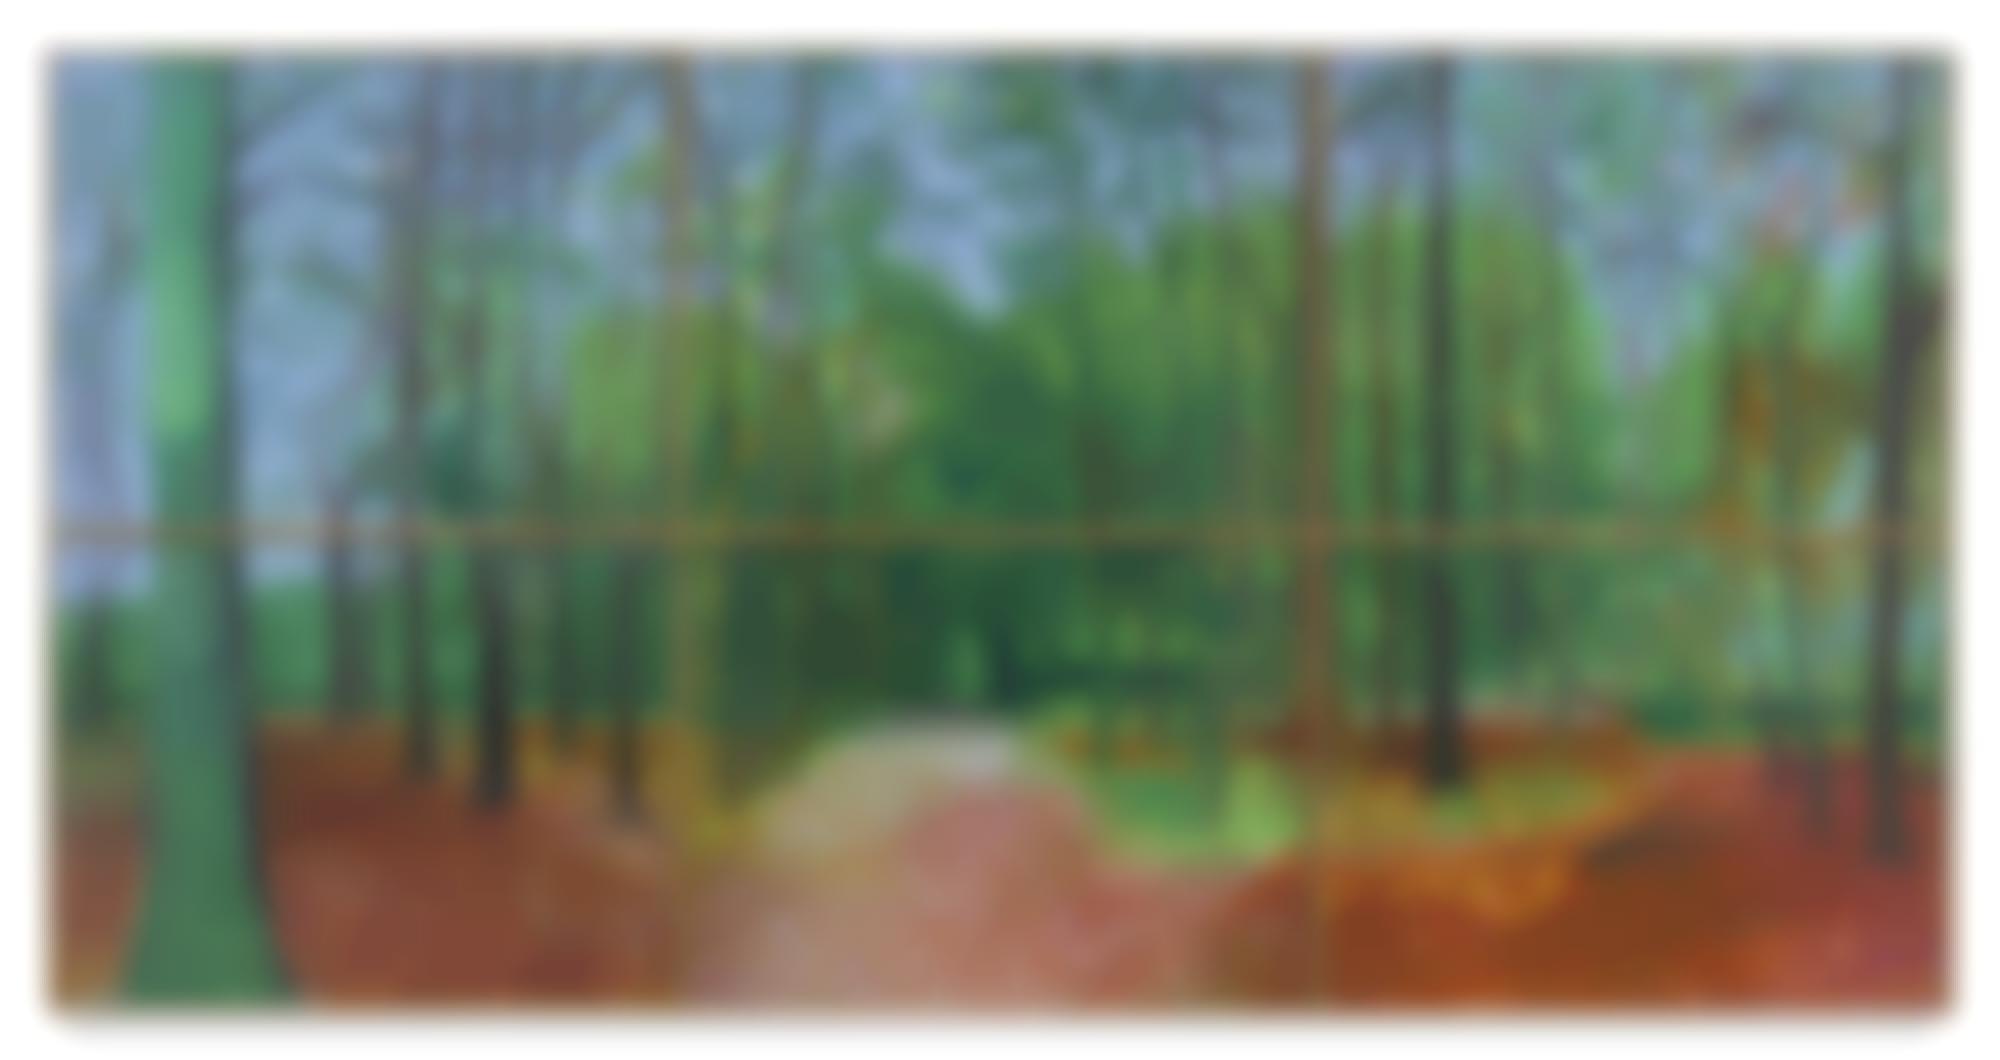 David Hockney-Woldgate Woods 24 25 And 26 October 2006-2006